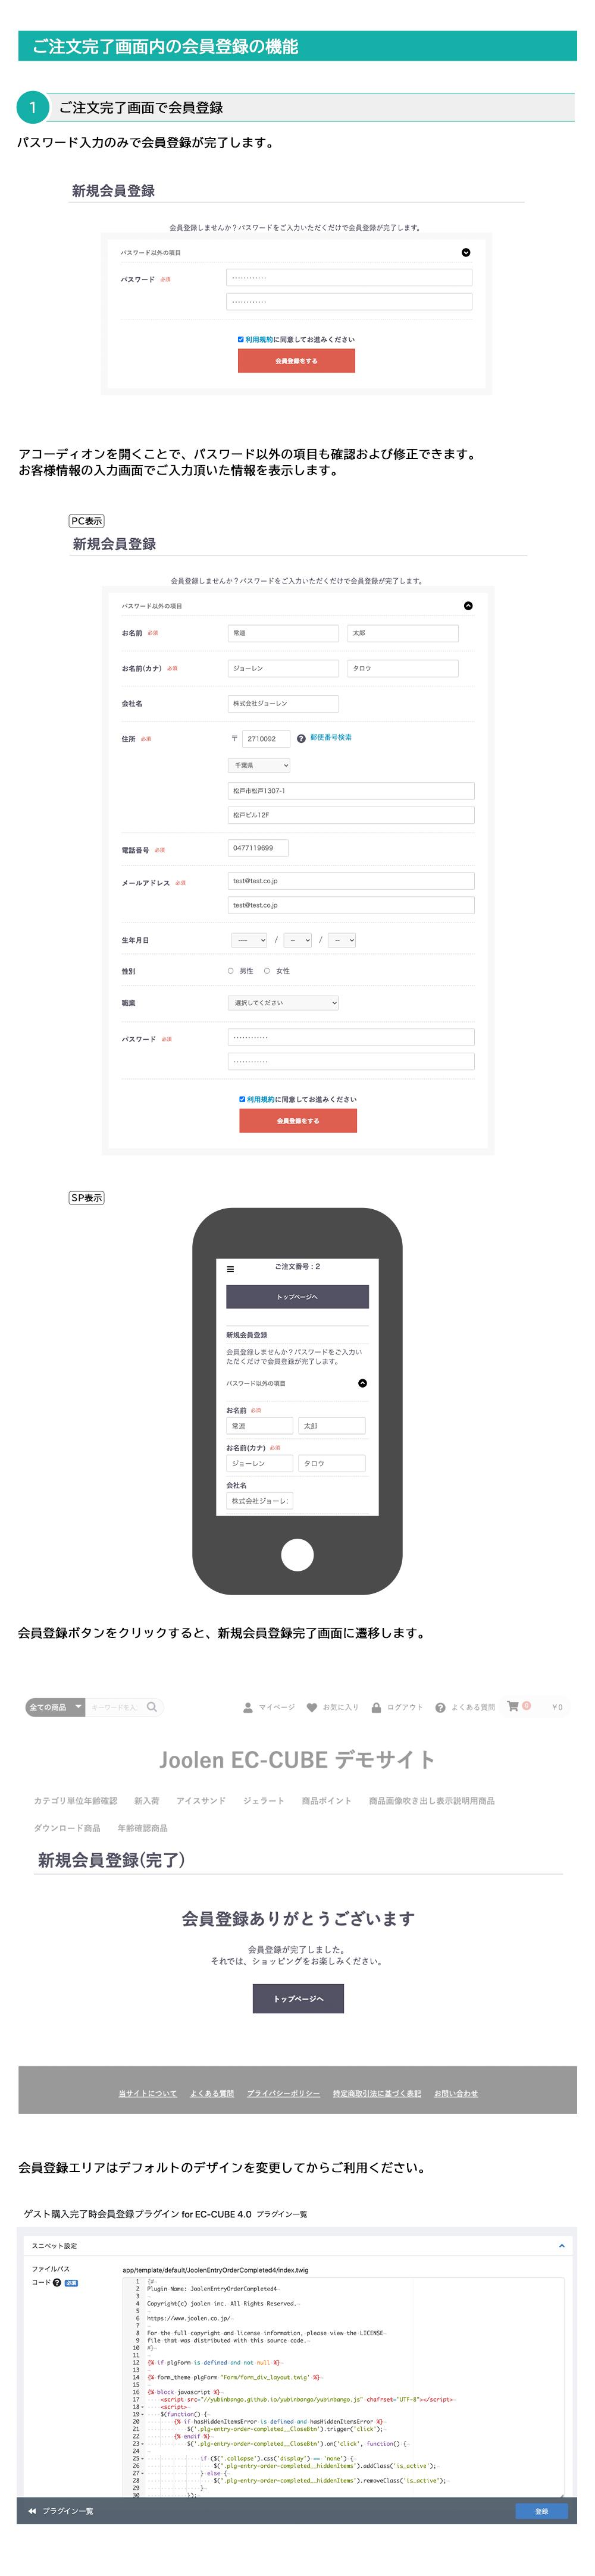 ゲスト購入完了時会員登録プラグイン for EC-CUBE 4.0